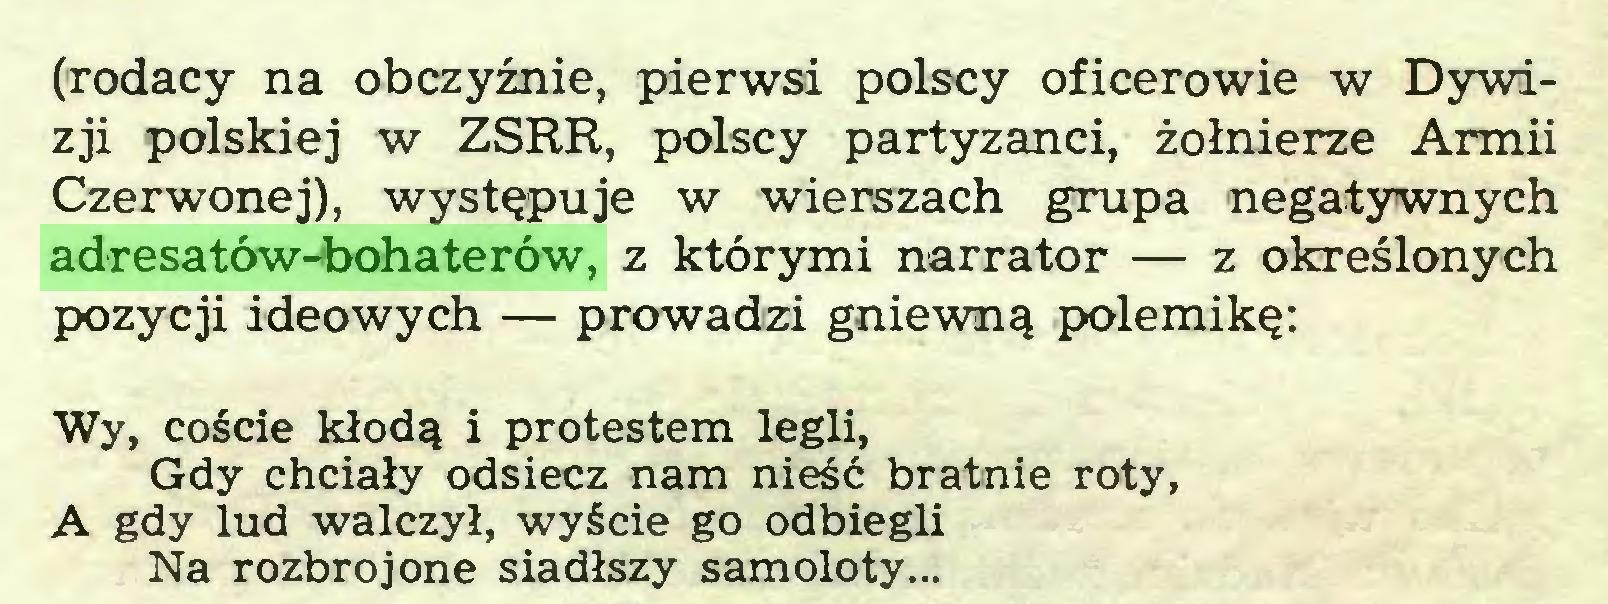 (...) (rodacy na obczyźnie, pierwsi polscy oficerowie w Dywizji polskiej w ZSRR, polscy partyzanci, żołnierze Armii Czerwonej), występuje w wierszach grupa negatywnych adresatów-bohaterów, z którymi narrator — z określonych pozycji ideowych — prowadzi gniewną polemikę: Wy, coście kłodą i protestem legli, Gdy chciały odsiecz nam nieść bratnie roty, A gdy lud walczył, wyście go odbiegli Na rozbrojone siadłszy samoloty...